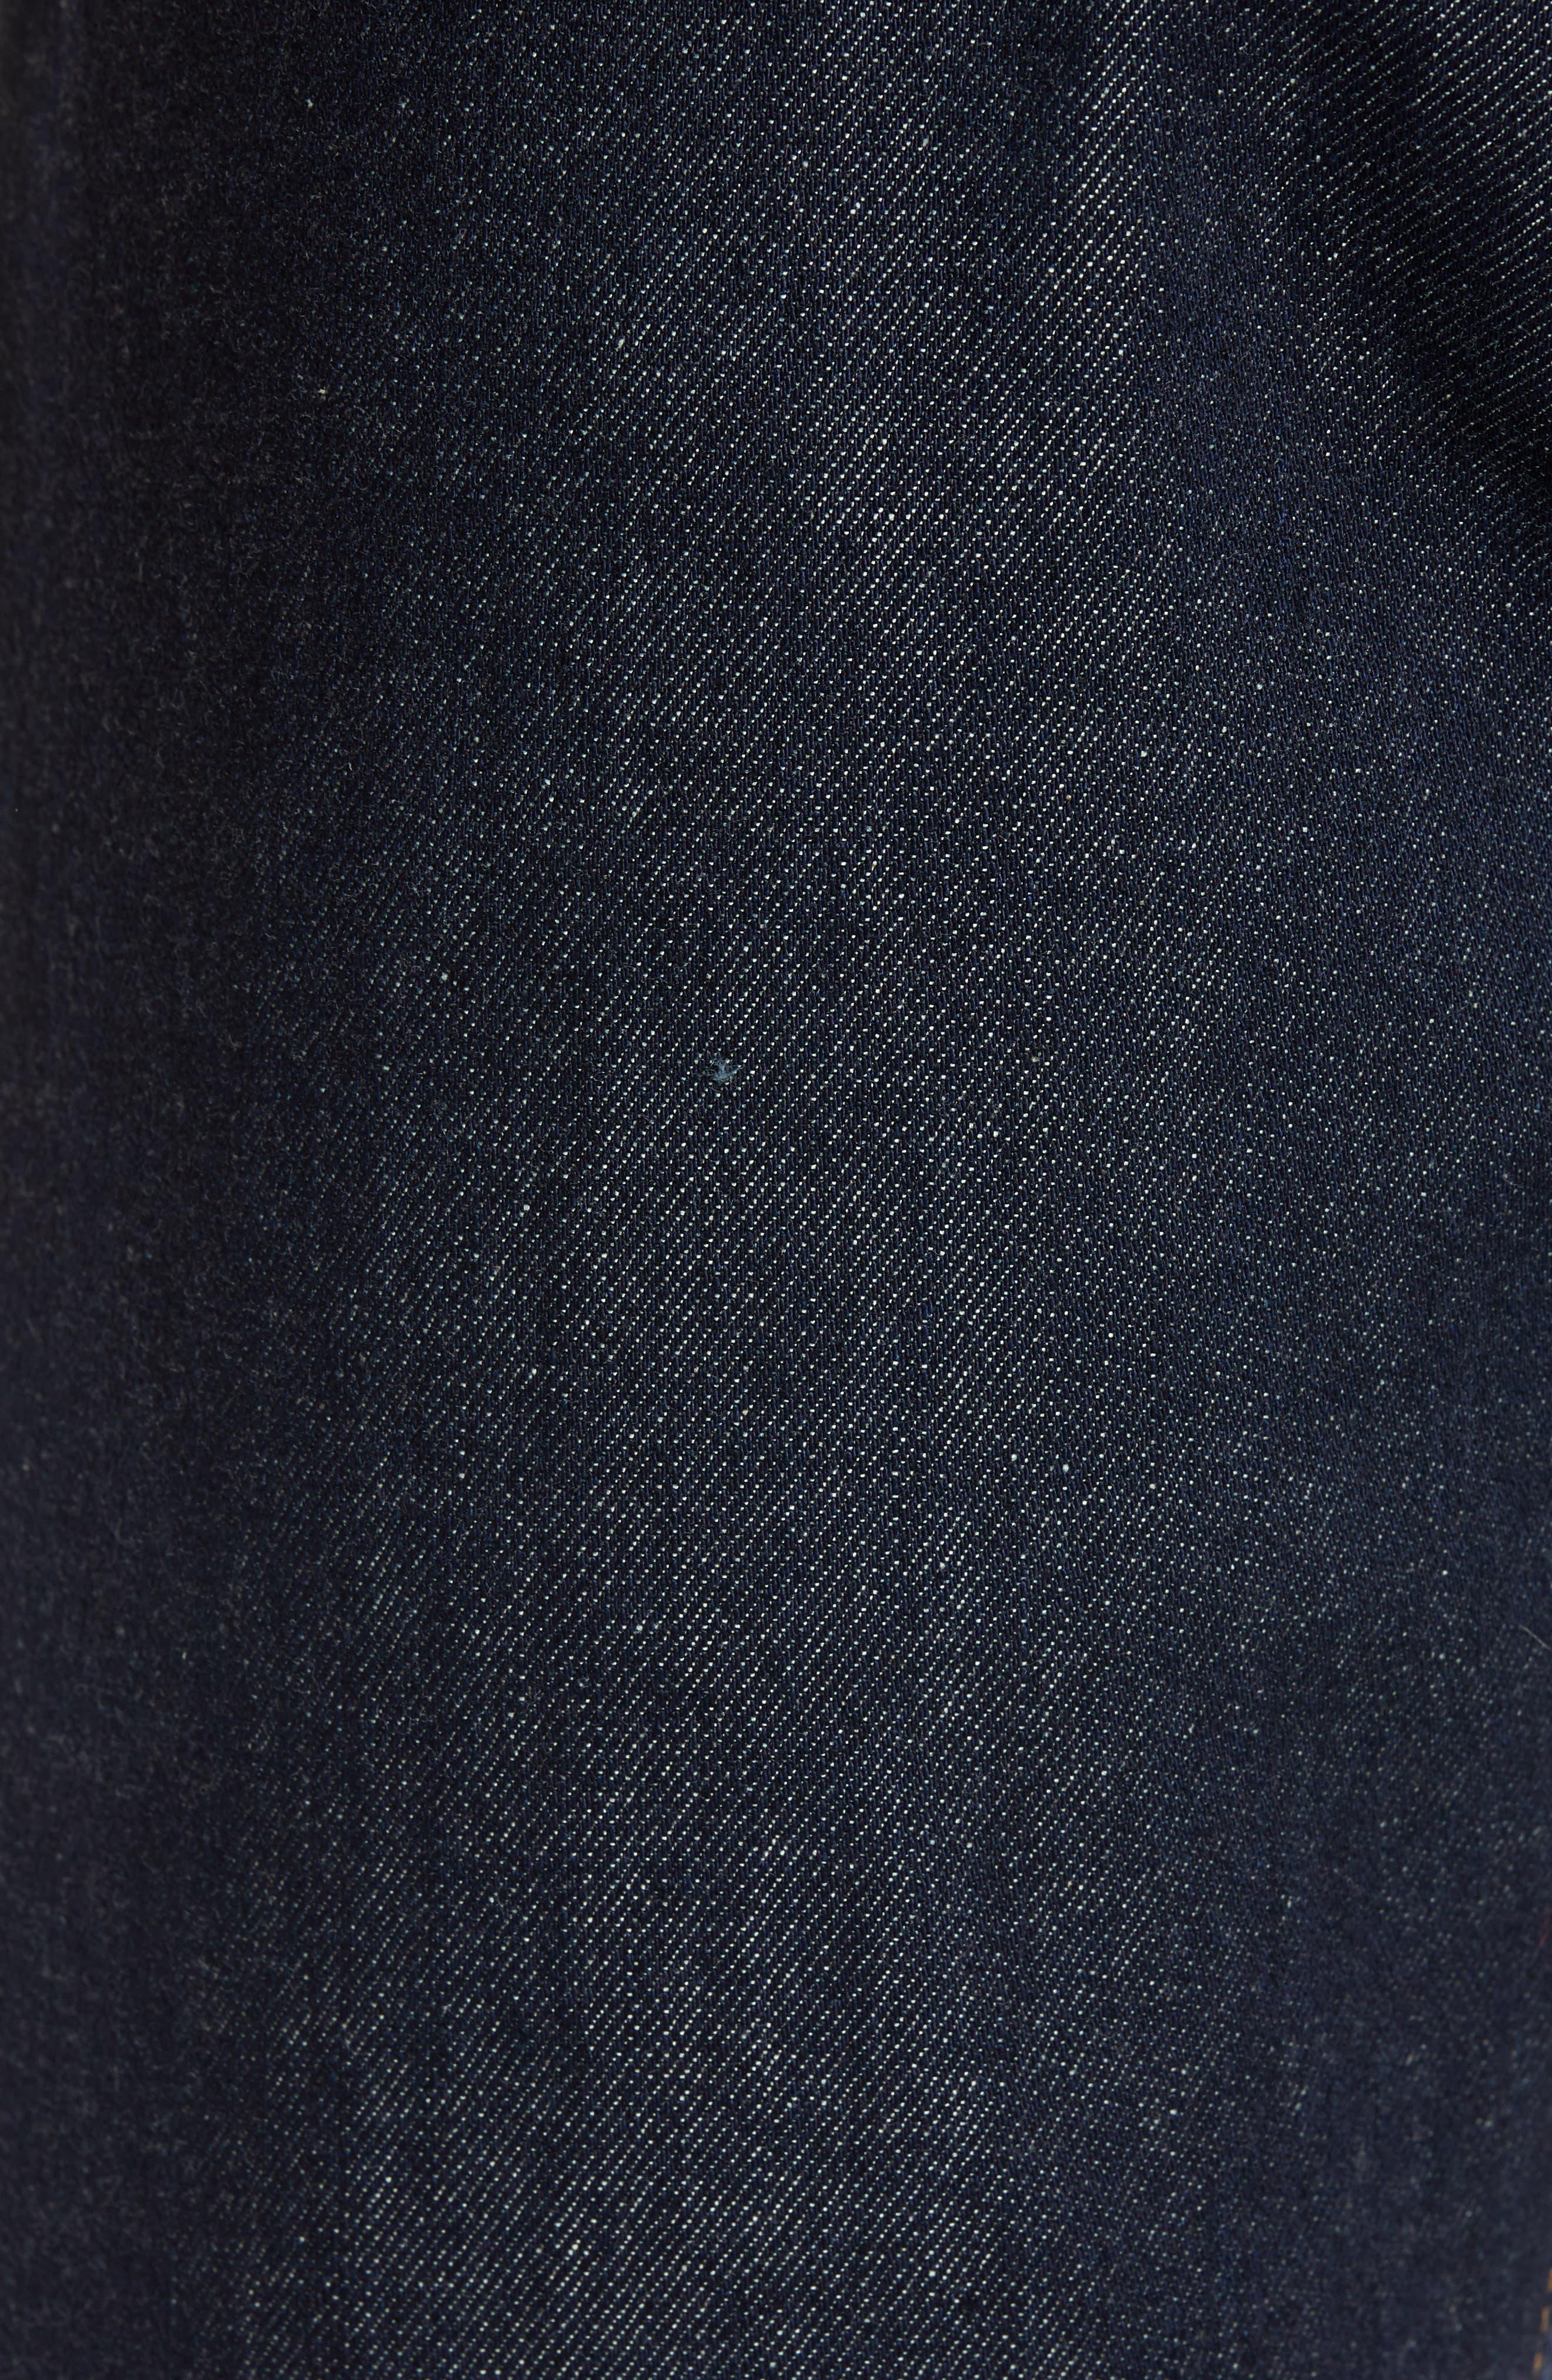 Tellis Slim Fit Jeans,                             Alternate thumbnail 5, color,                             PARTRIDGE